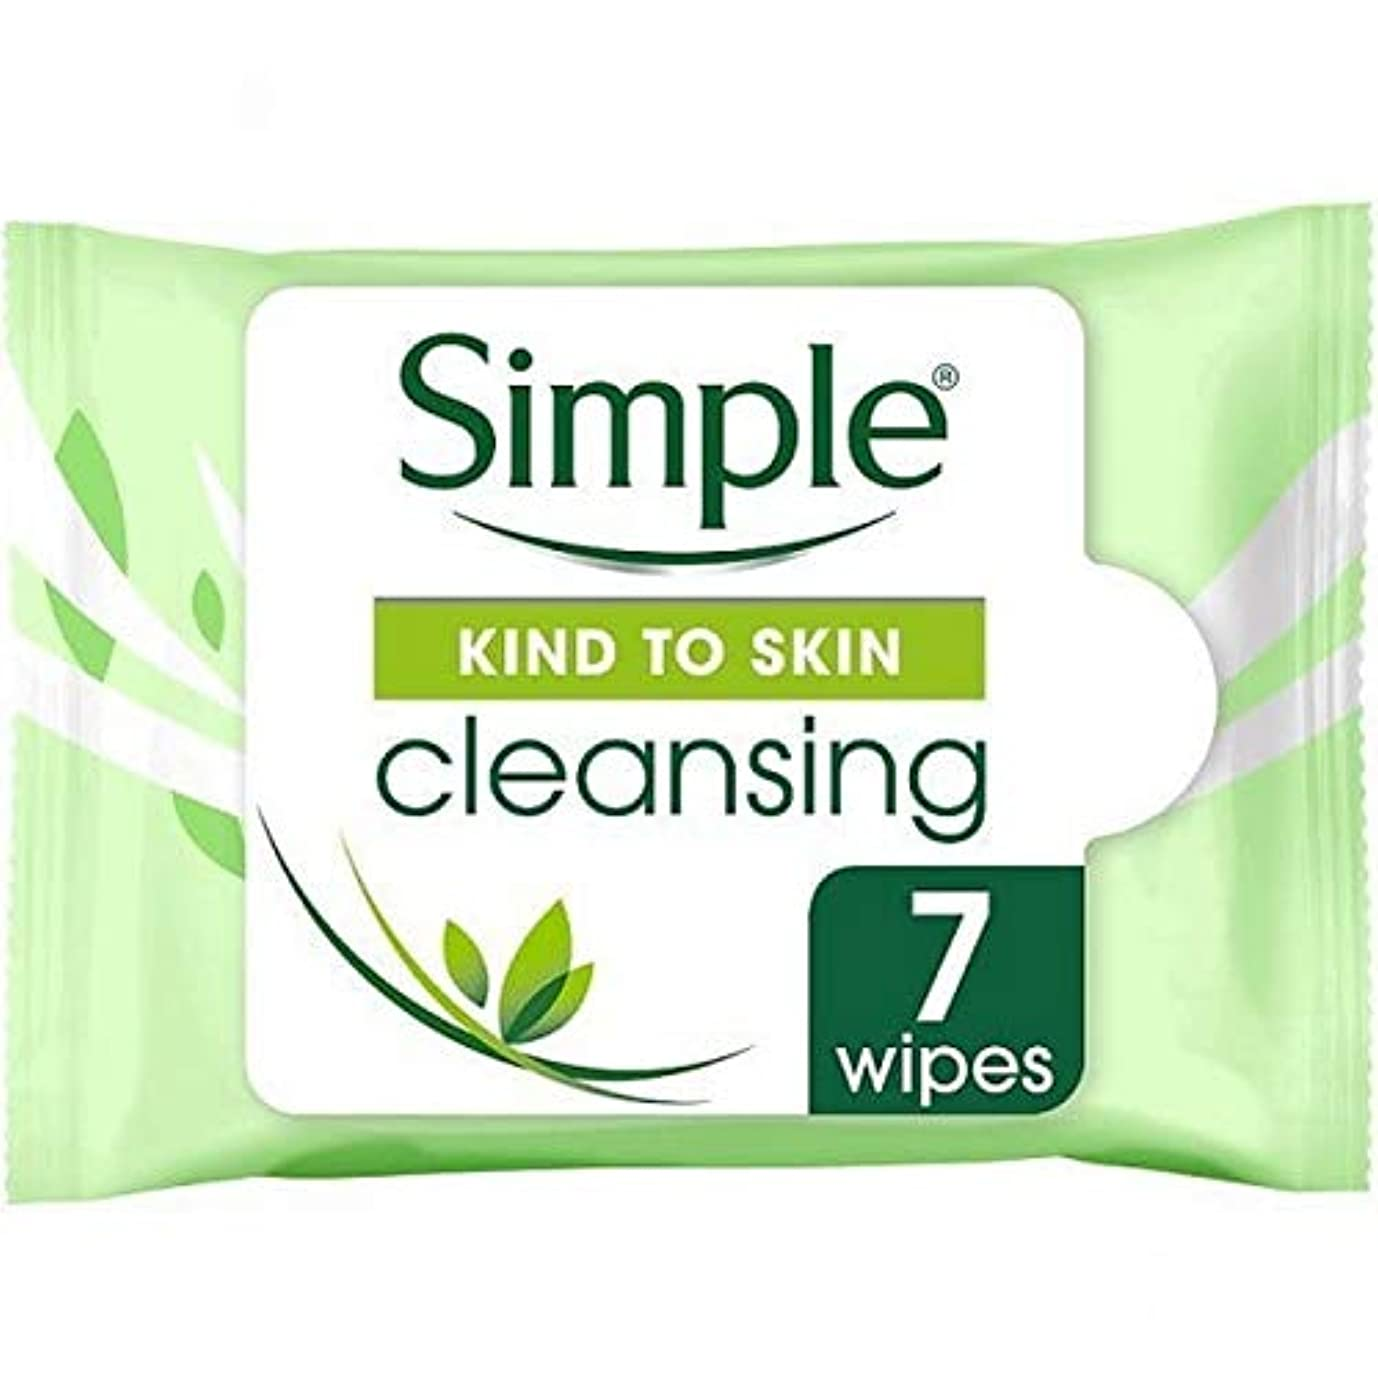 トロリーバス仲人の配列[Simple ] 顔のワイプの7Sクレンジング肌への単純な種類 - Simple Kind To Skin Cleansing Facial Wipes 7s [並行輸入品]